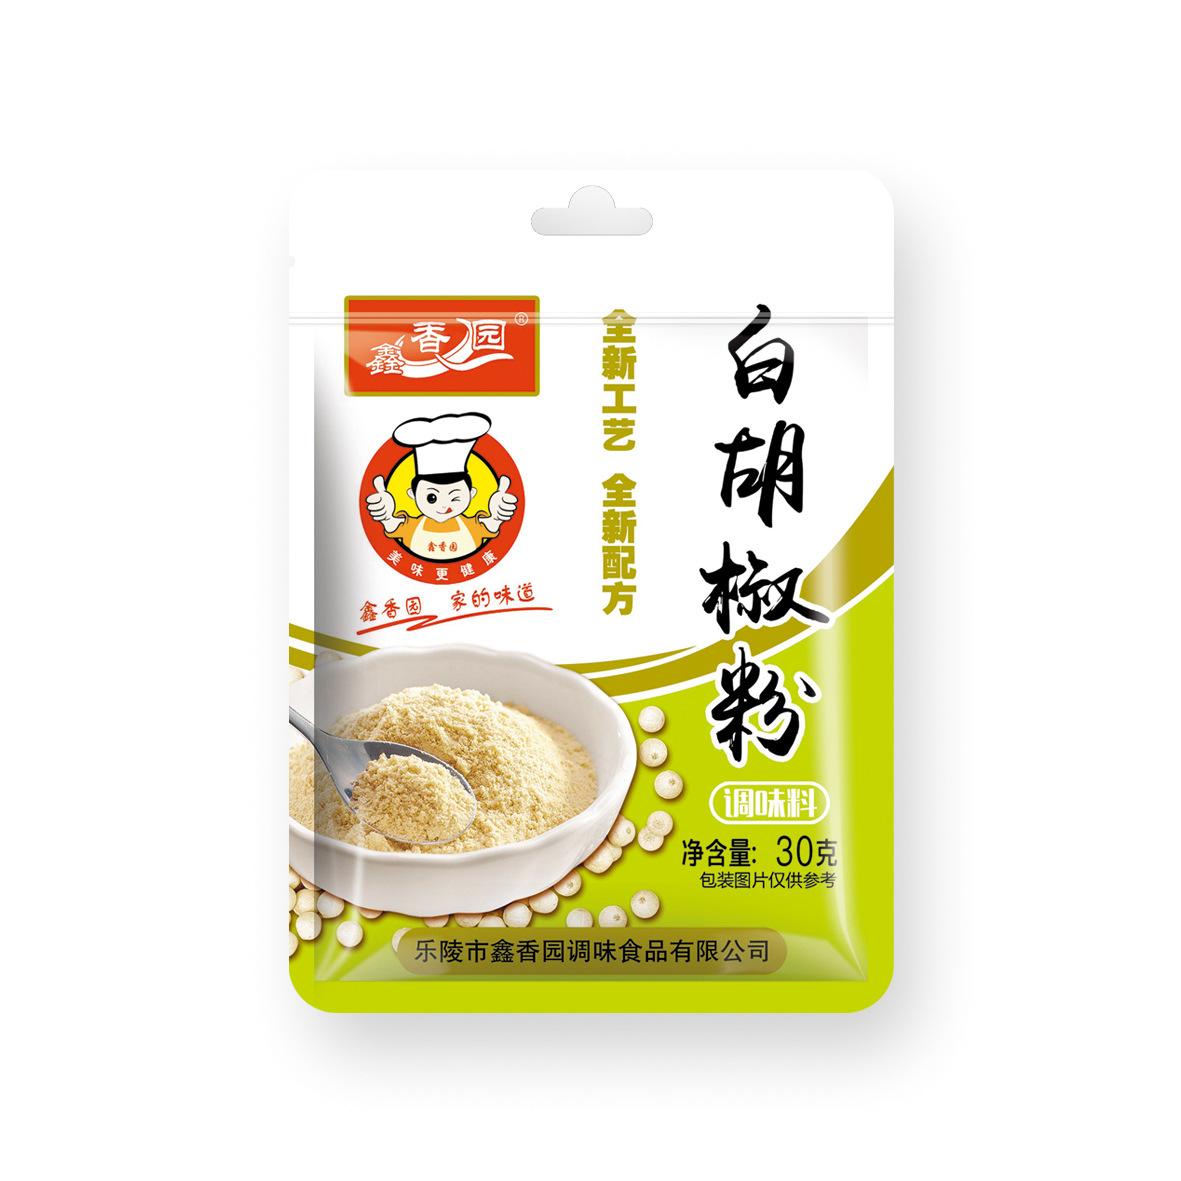 30克白胡椒粉(袋装)